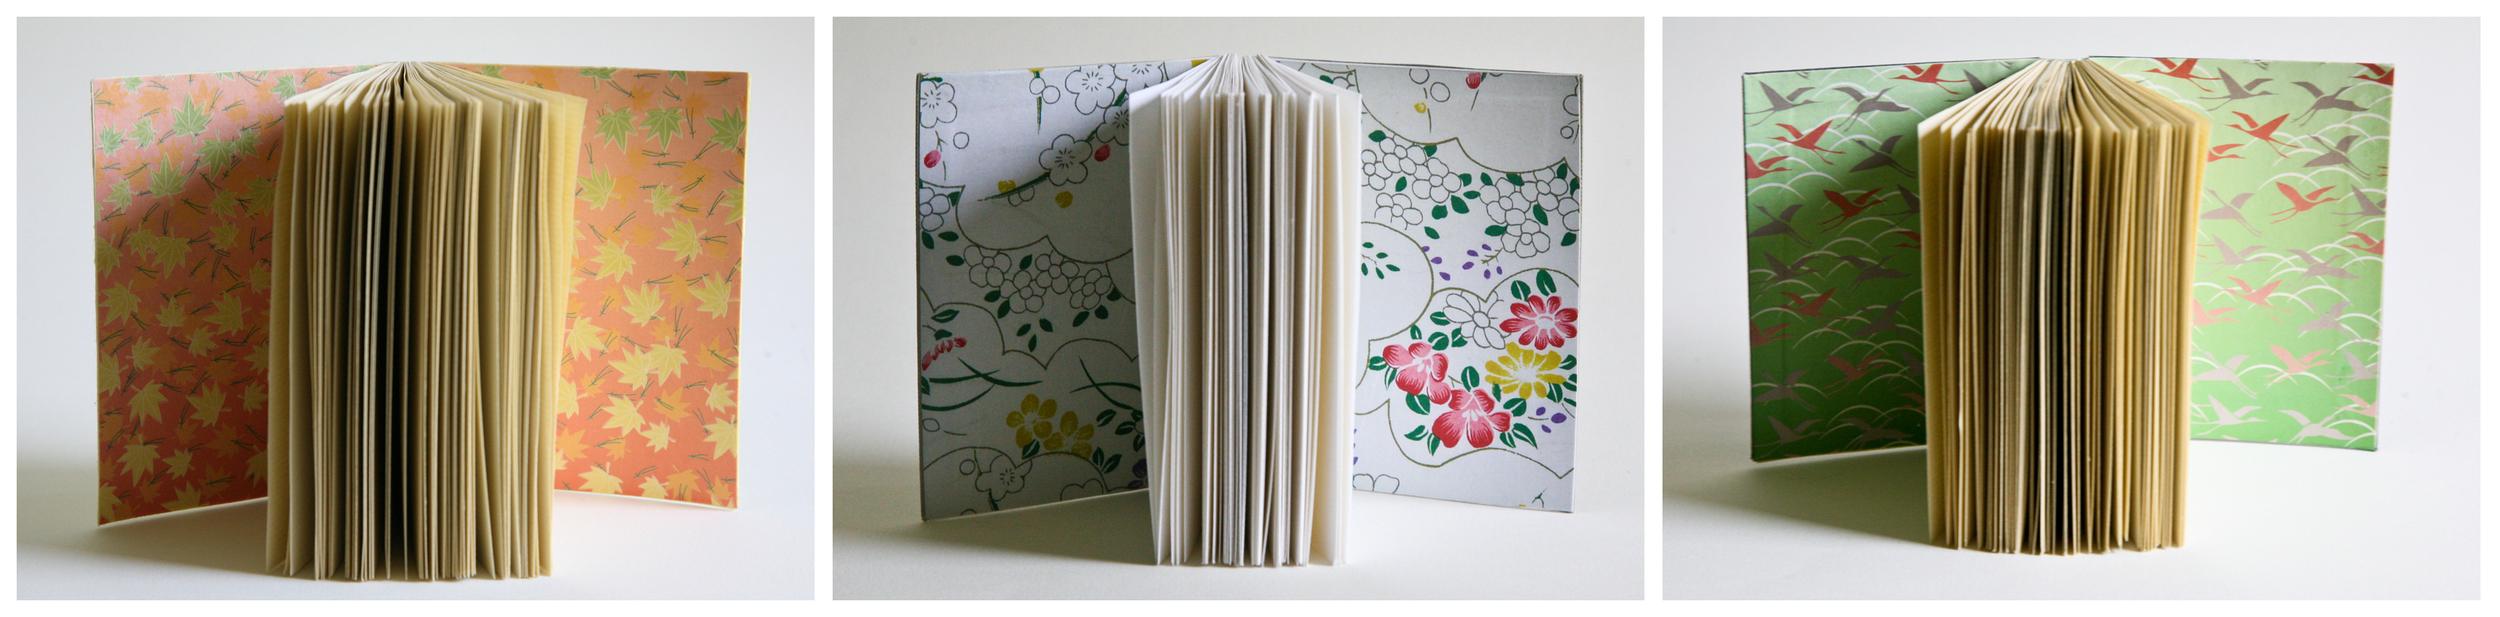 Books_0027 copy.jpg